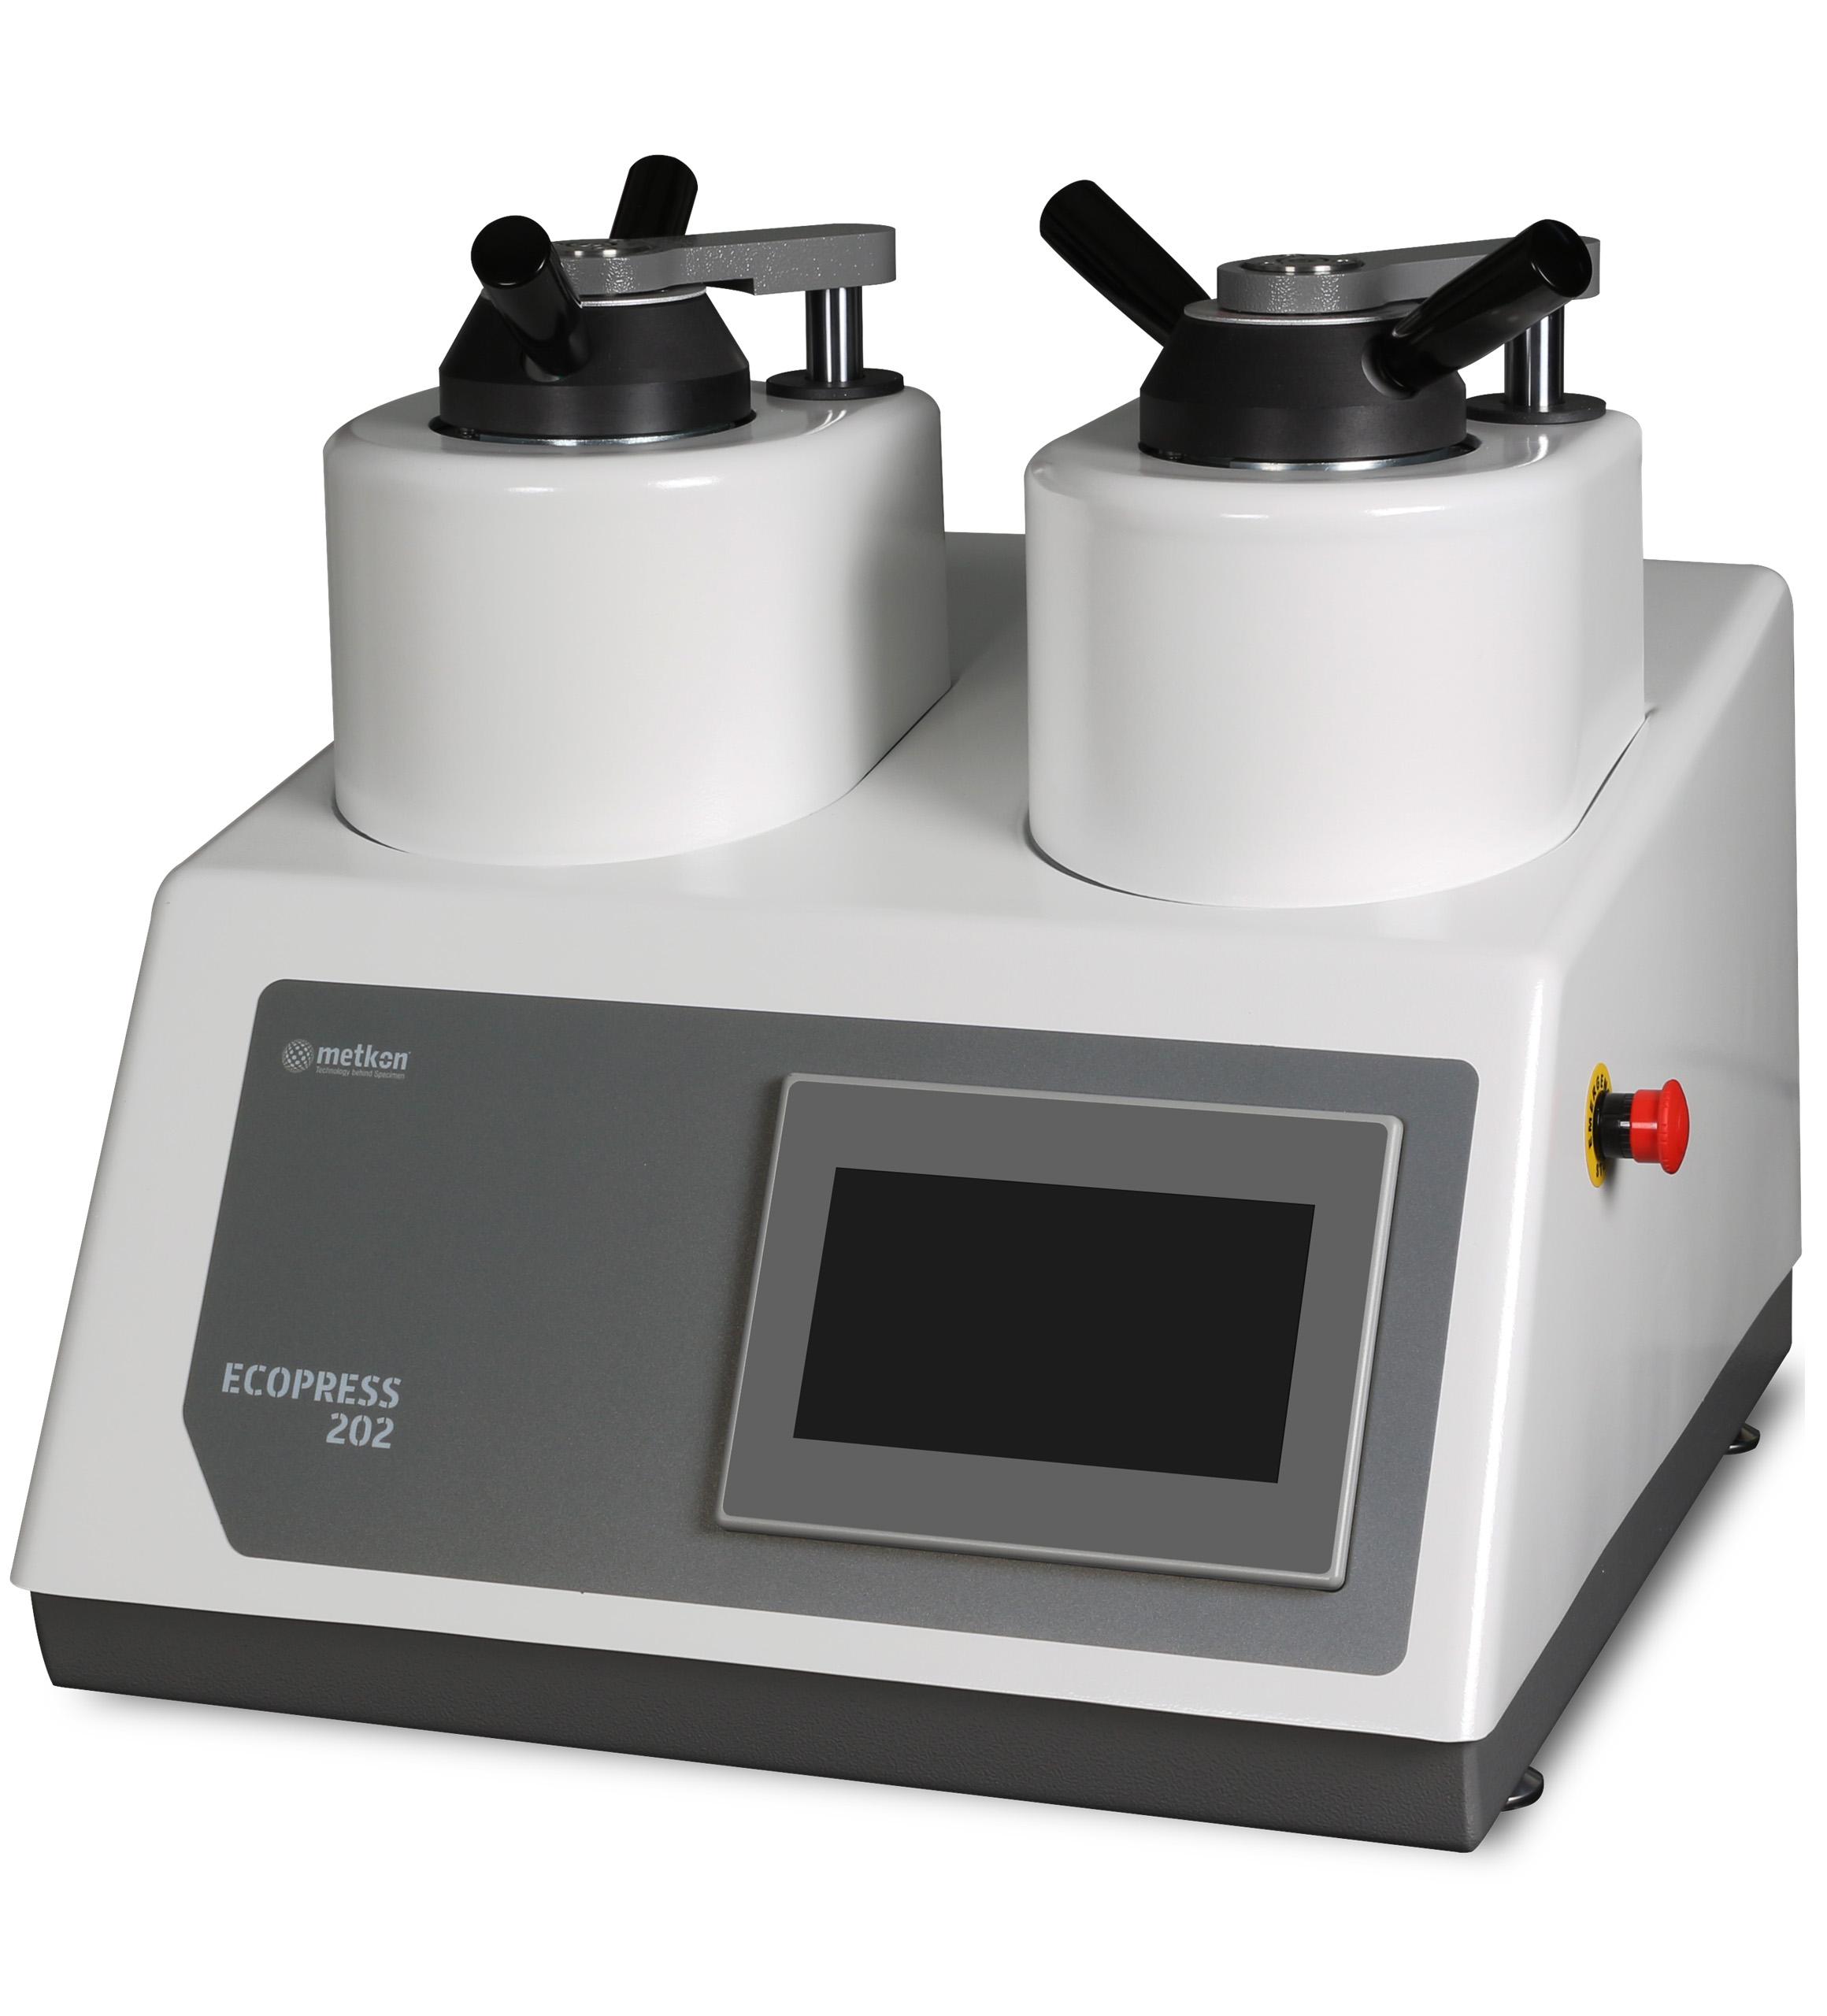 Ecopress 202 kéttornyos programozható automata melegbeágyazógép